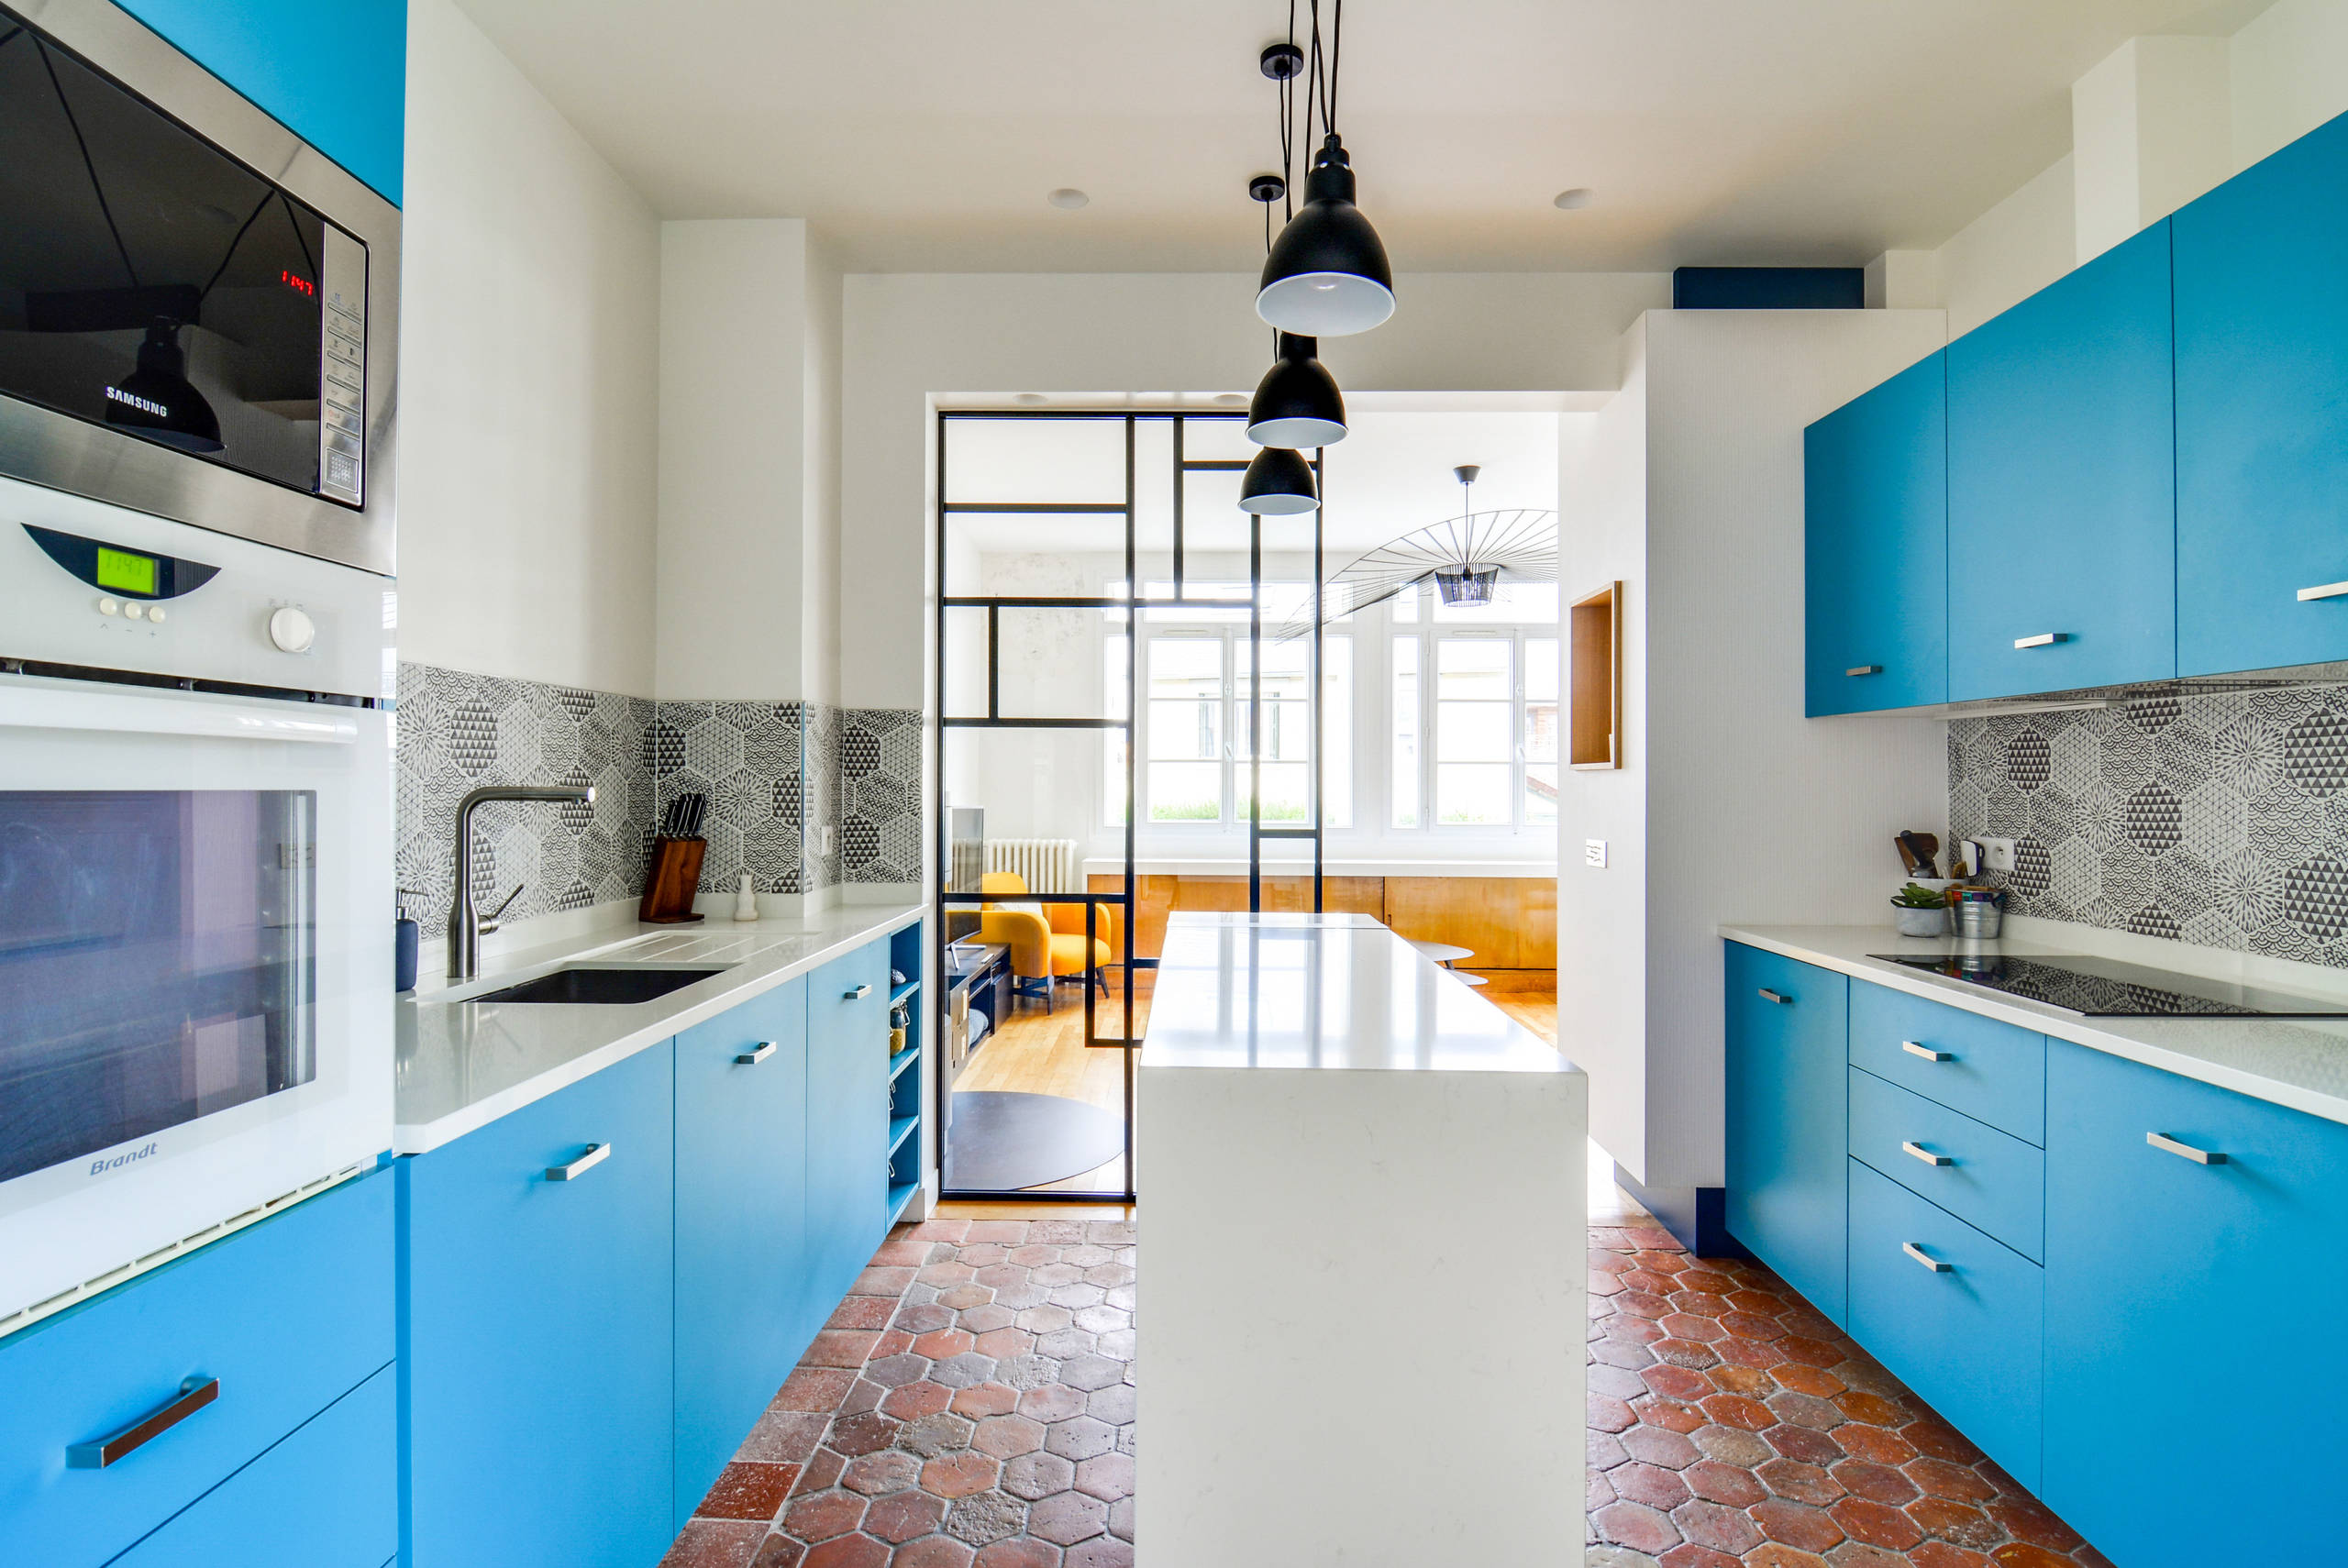 La cuisine est d'une agréable couleur bleu pâle